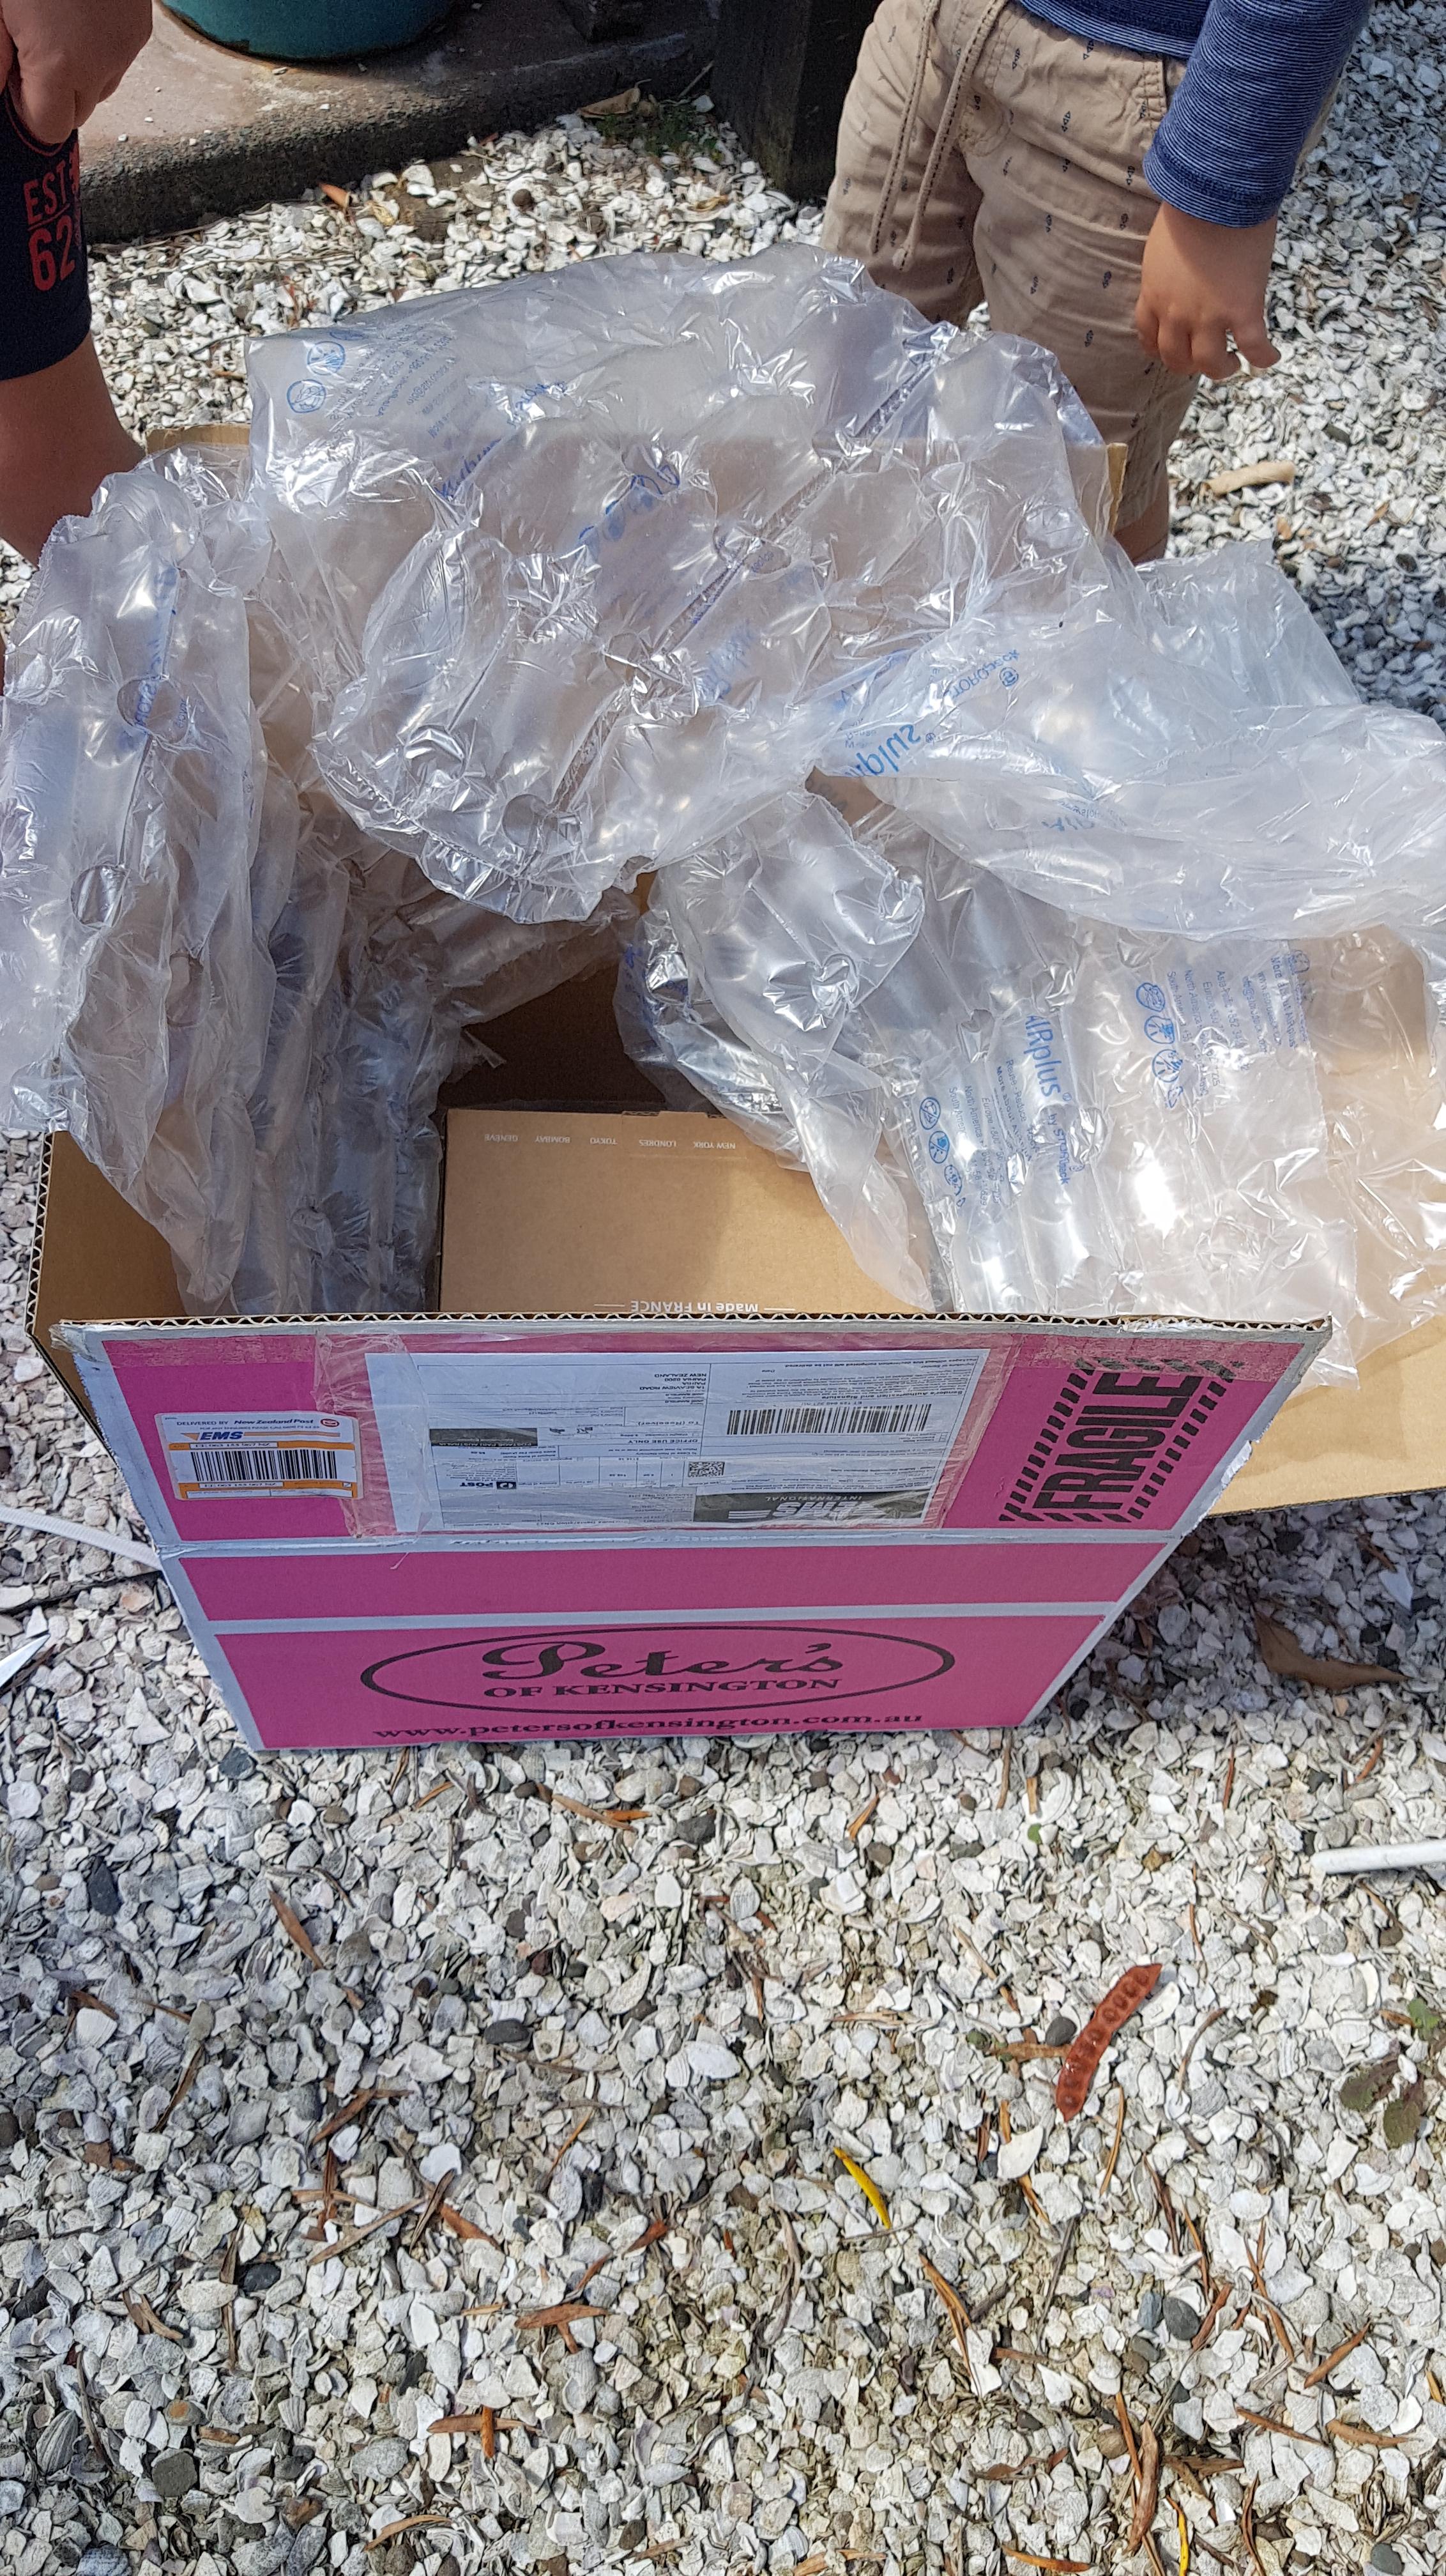 Packaging Peters of Kensington Jan 2020